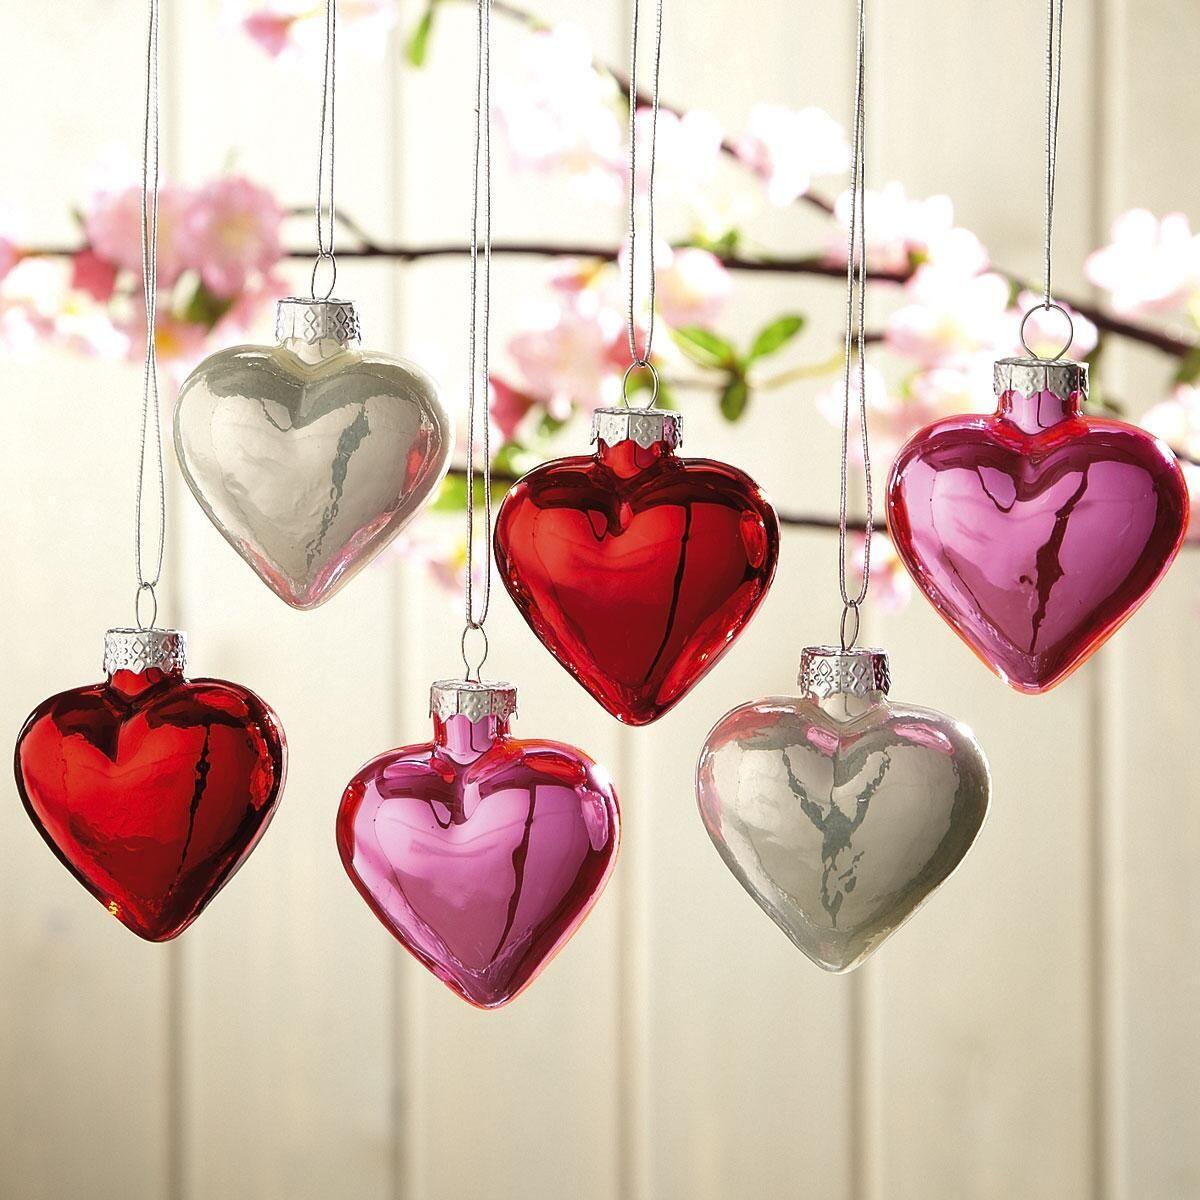 Shiny Hearts Ornaments